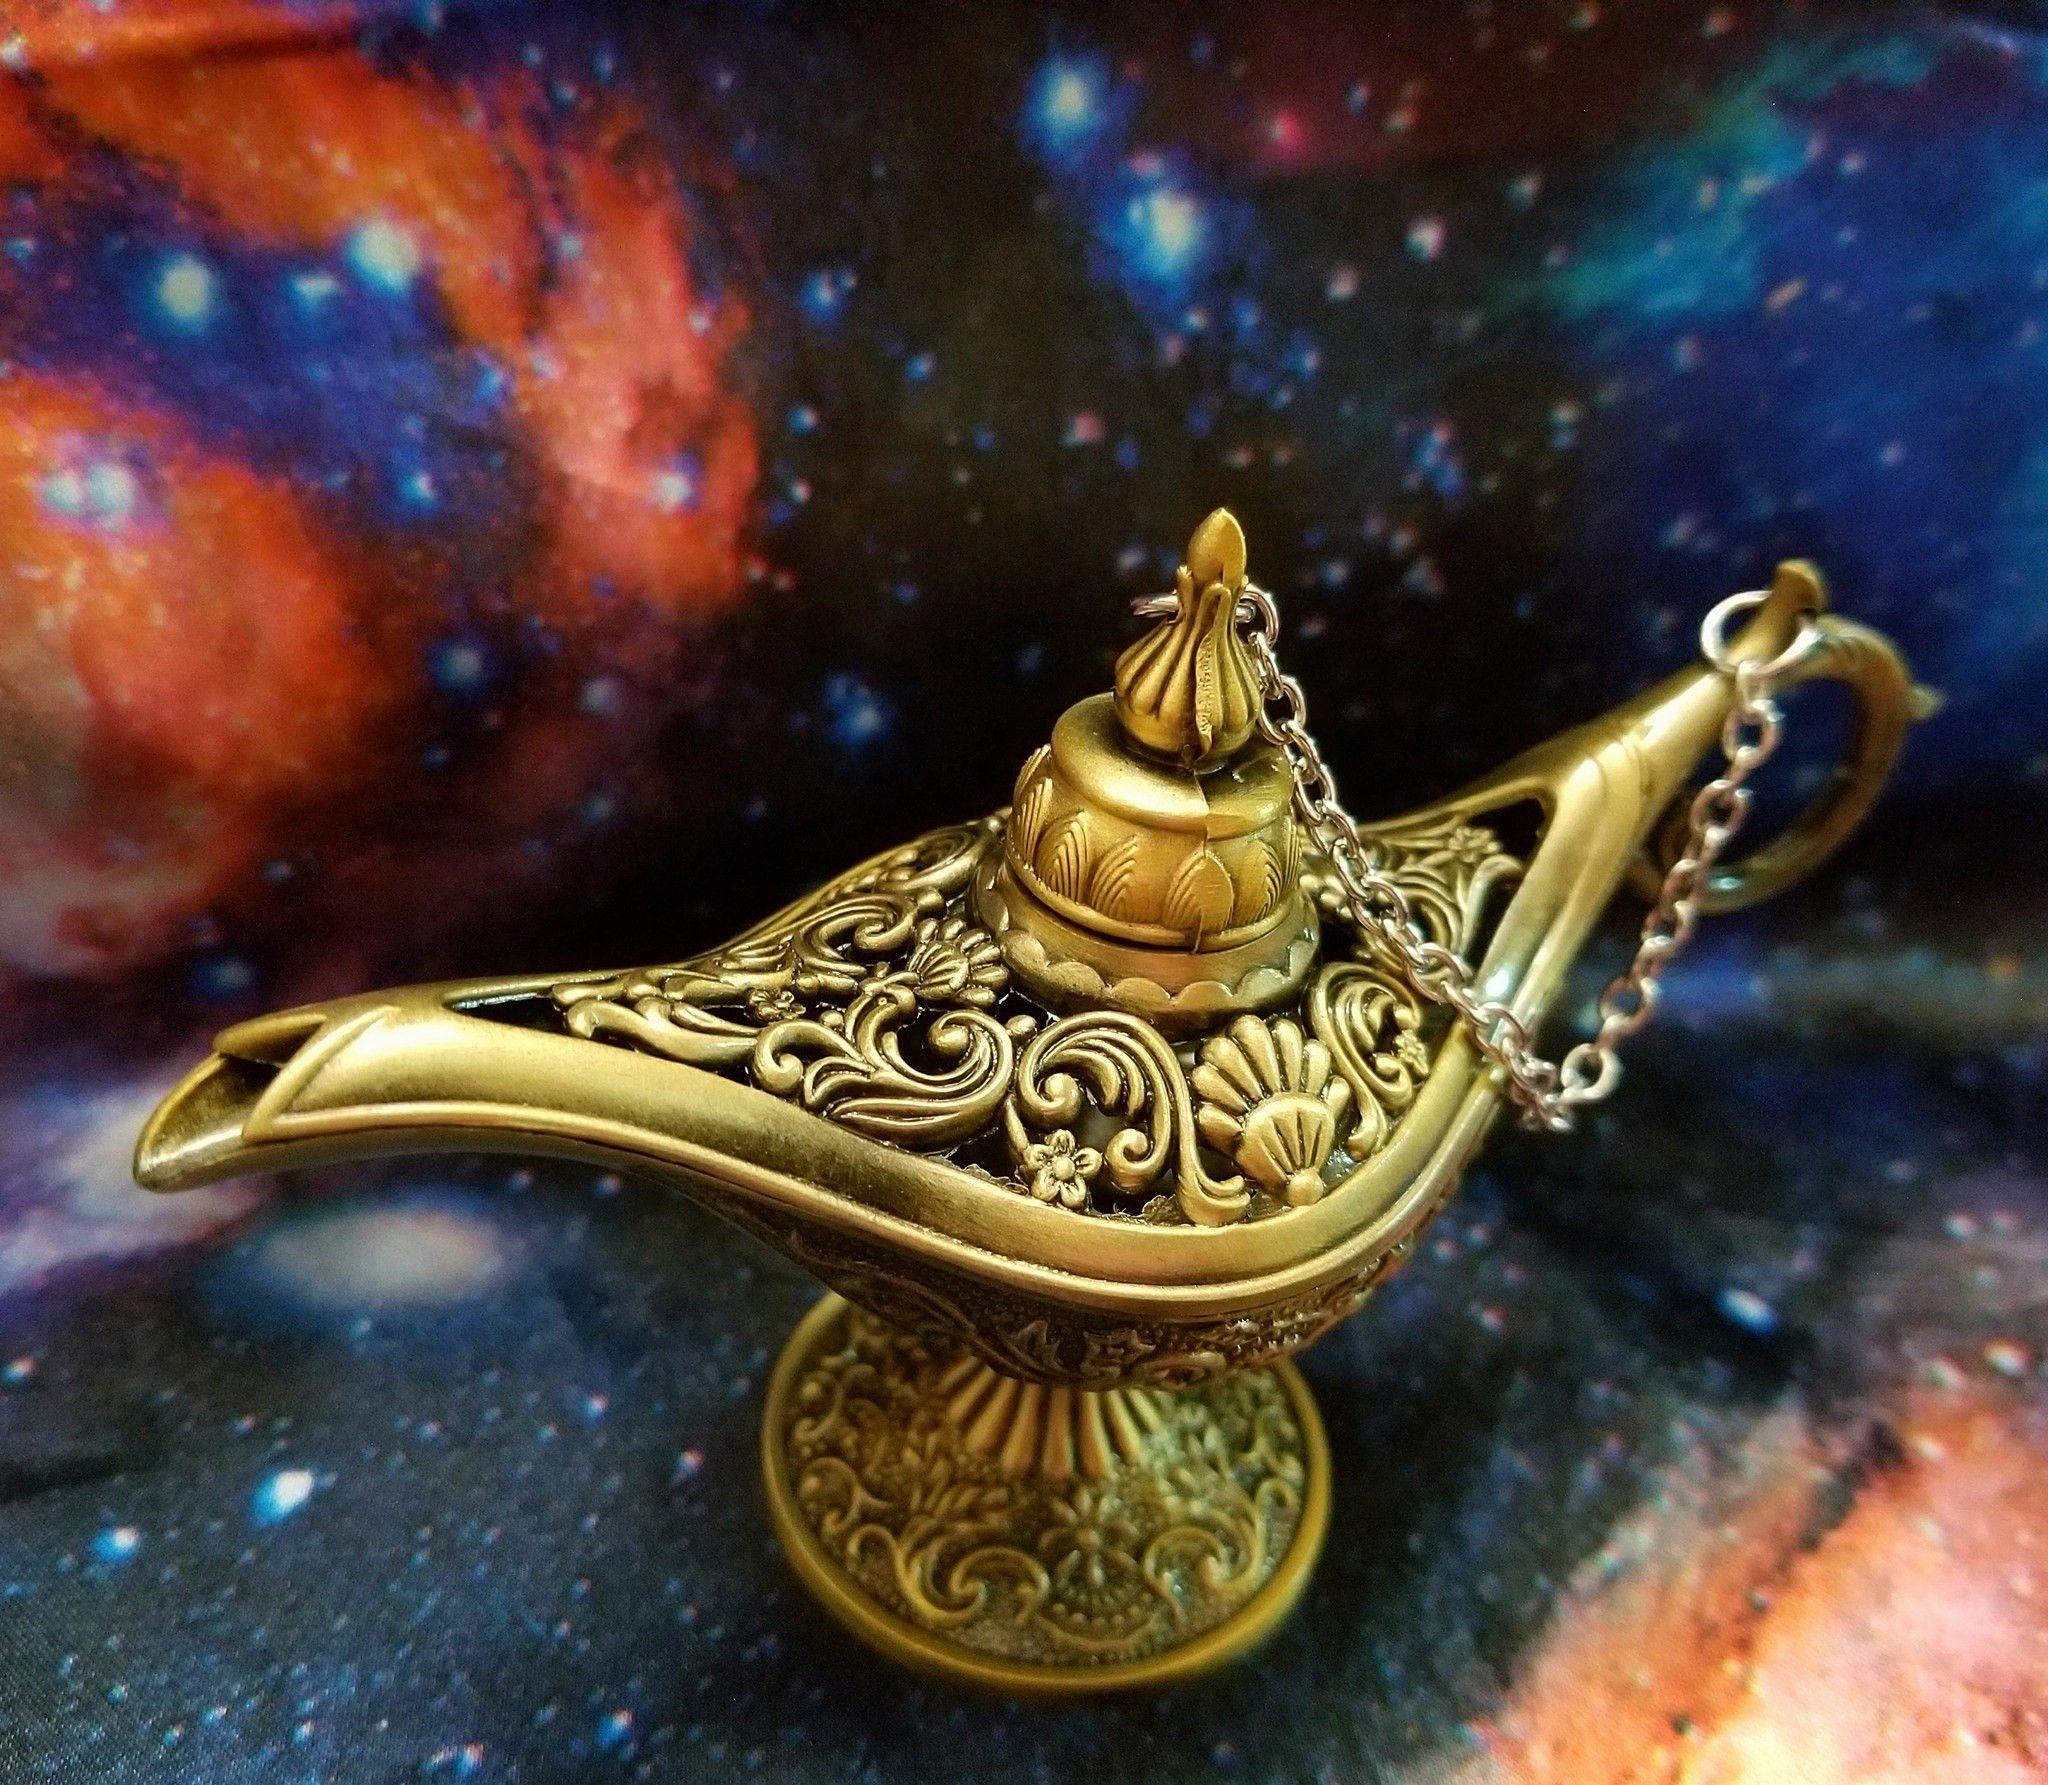 Mystical 2 Aladim Lampada E Tatuagem